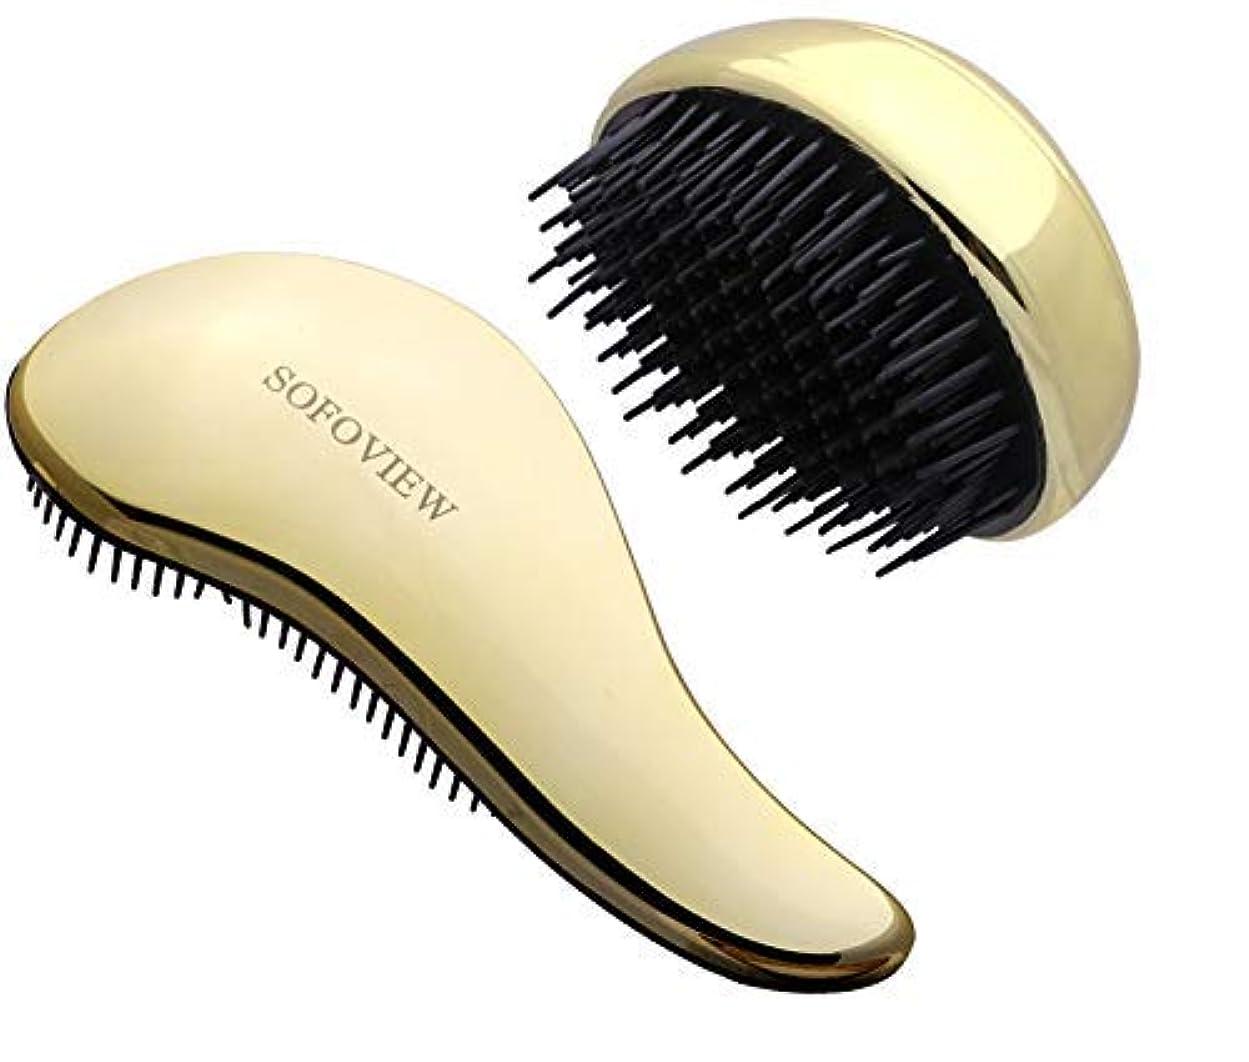 雇用者敵対的キリスト教SOFOVIEW Detangler Hair Brush Set,Pocket Travel Size + Pro Brush,Glide Thru Hair Comb,No Pain Gentle Straightening and Smoothing Home Brush for Shower Wet or Dry Hair,Gold [並行輸入品]